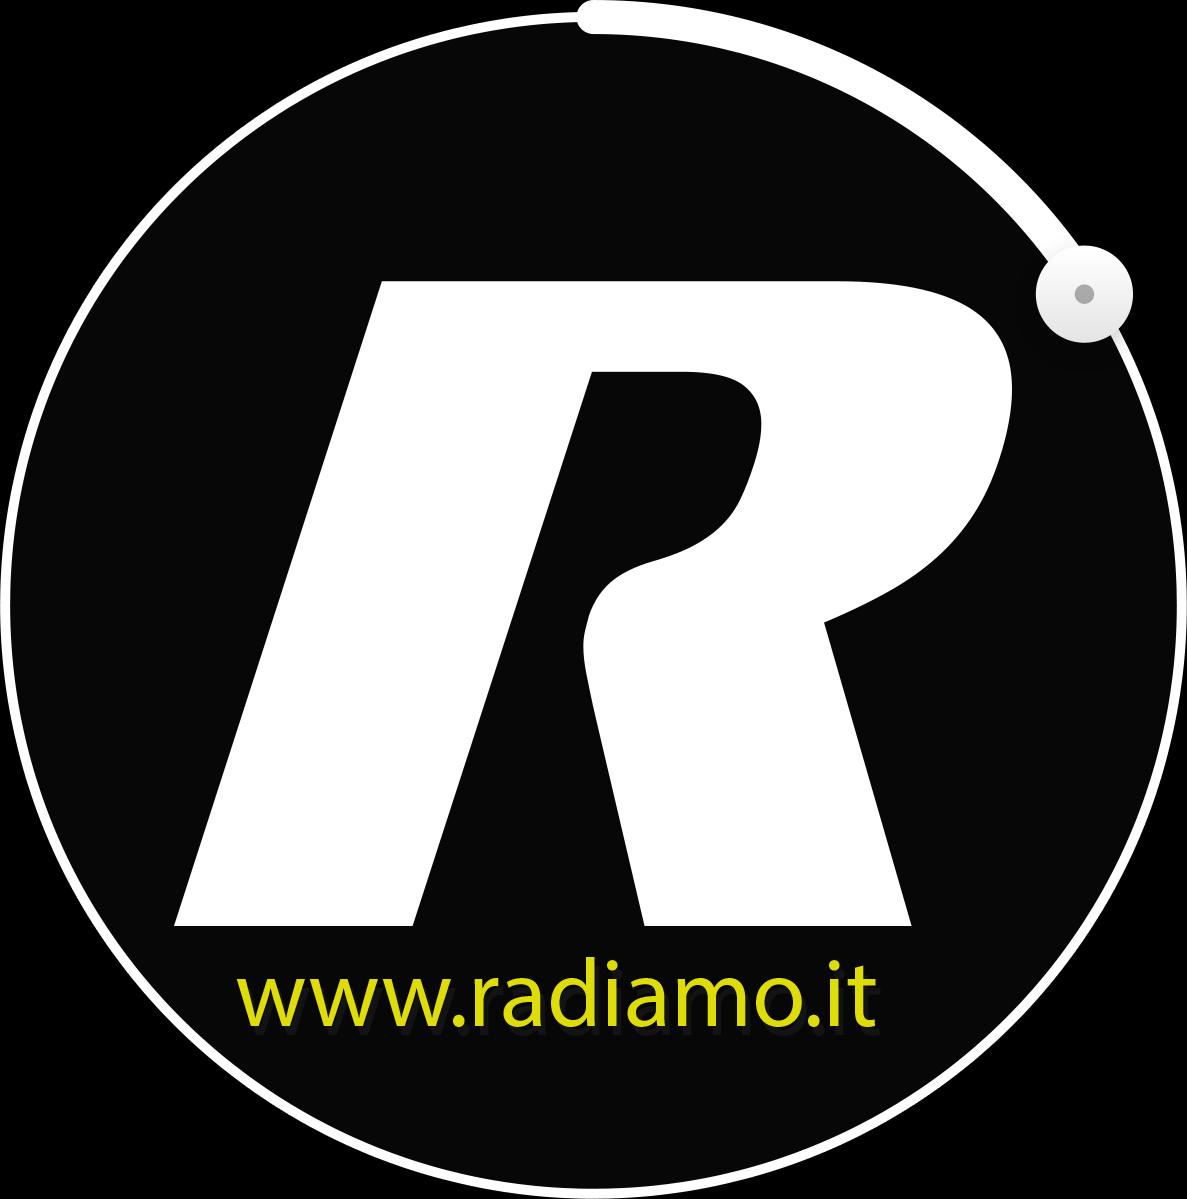 Radiamo Web Radio